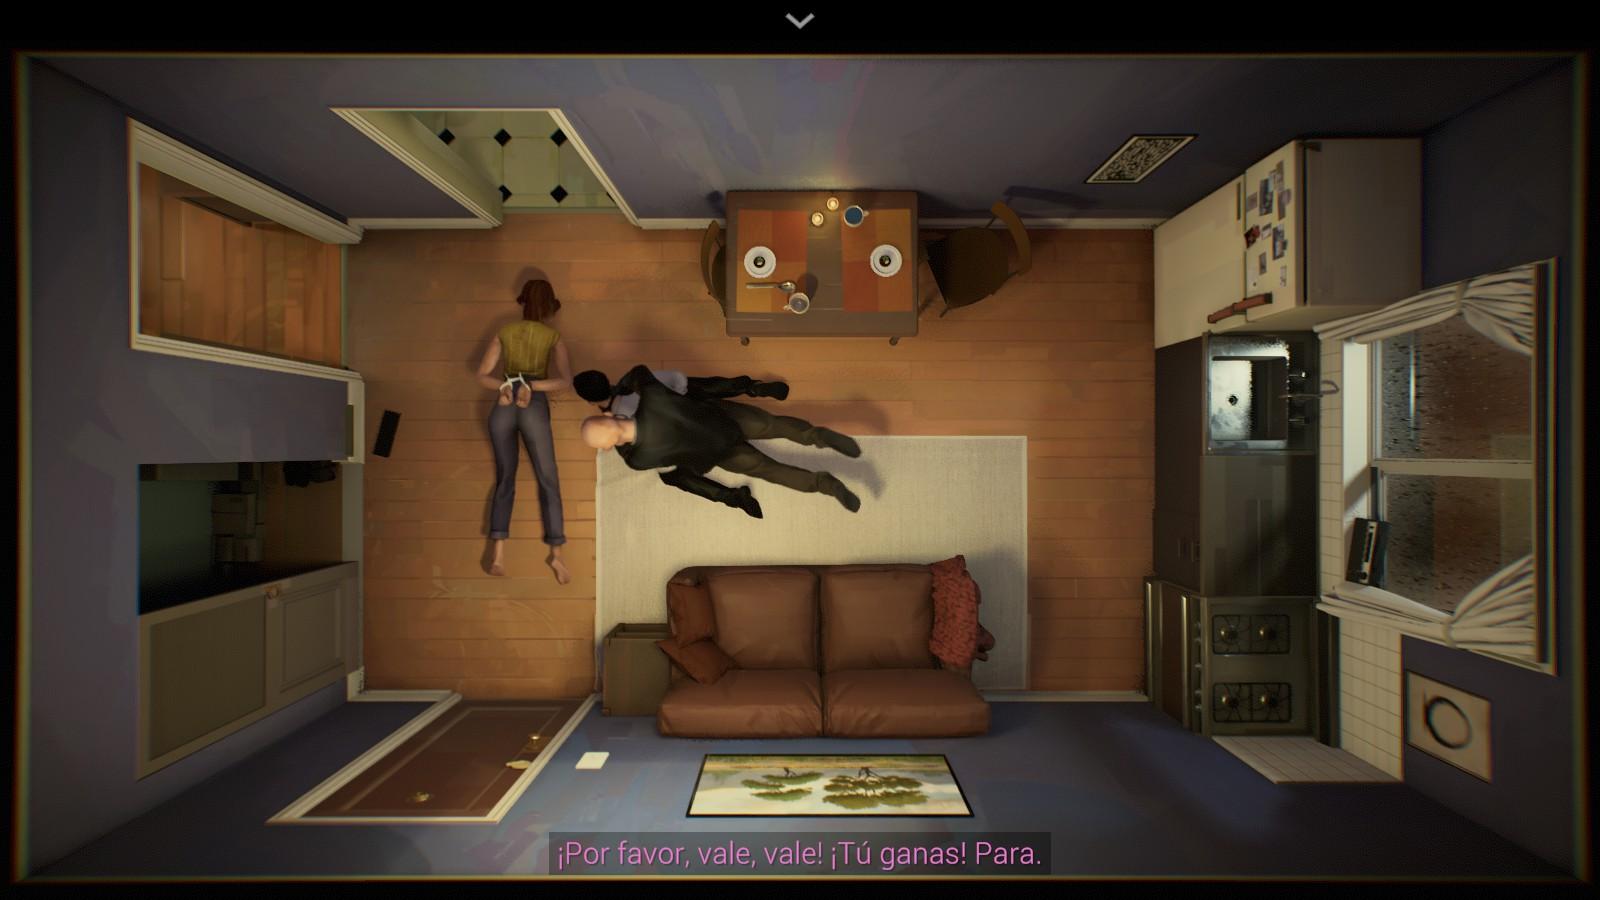 Un hombre y una mujer están esposados en el suelo de un apartamento y un policía está subido sobre el hombre